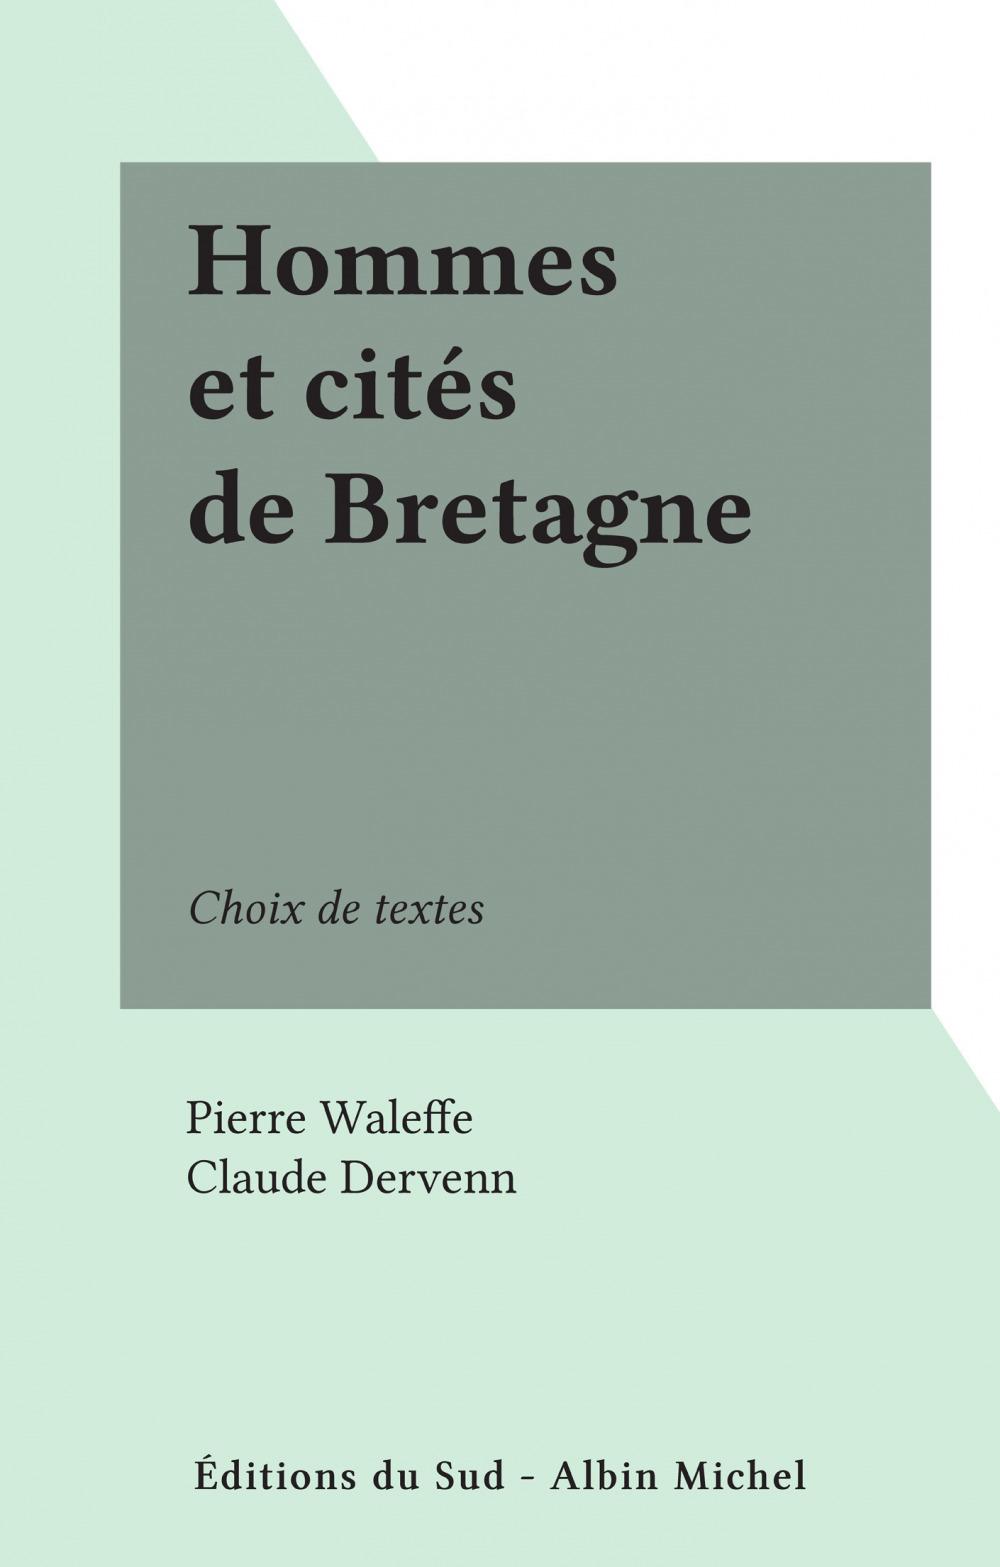 Hommes et cités de Bretagne